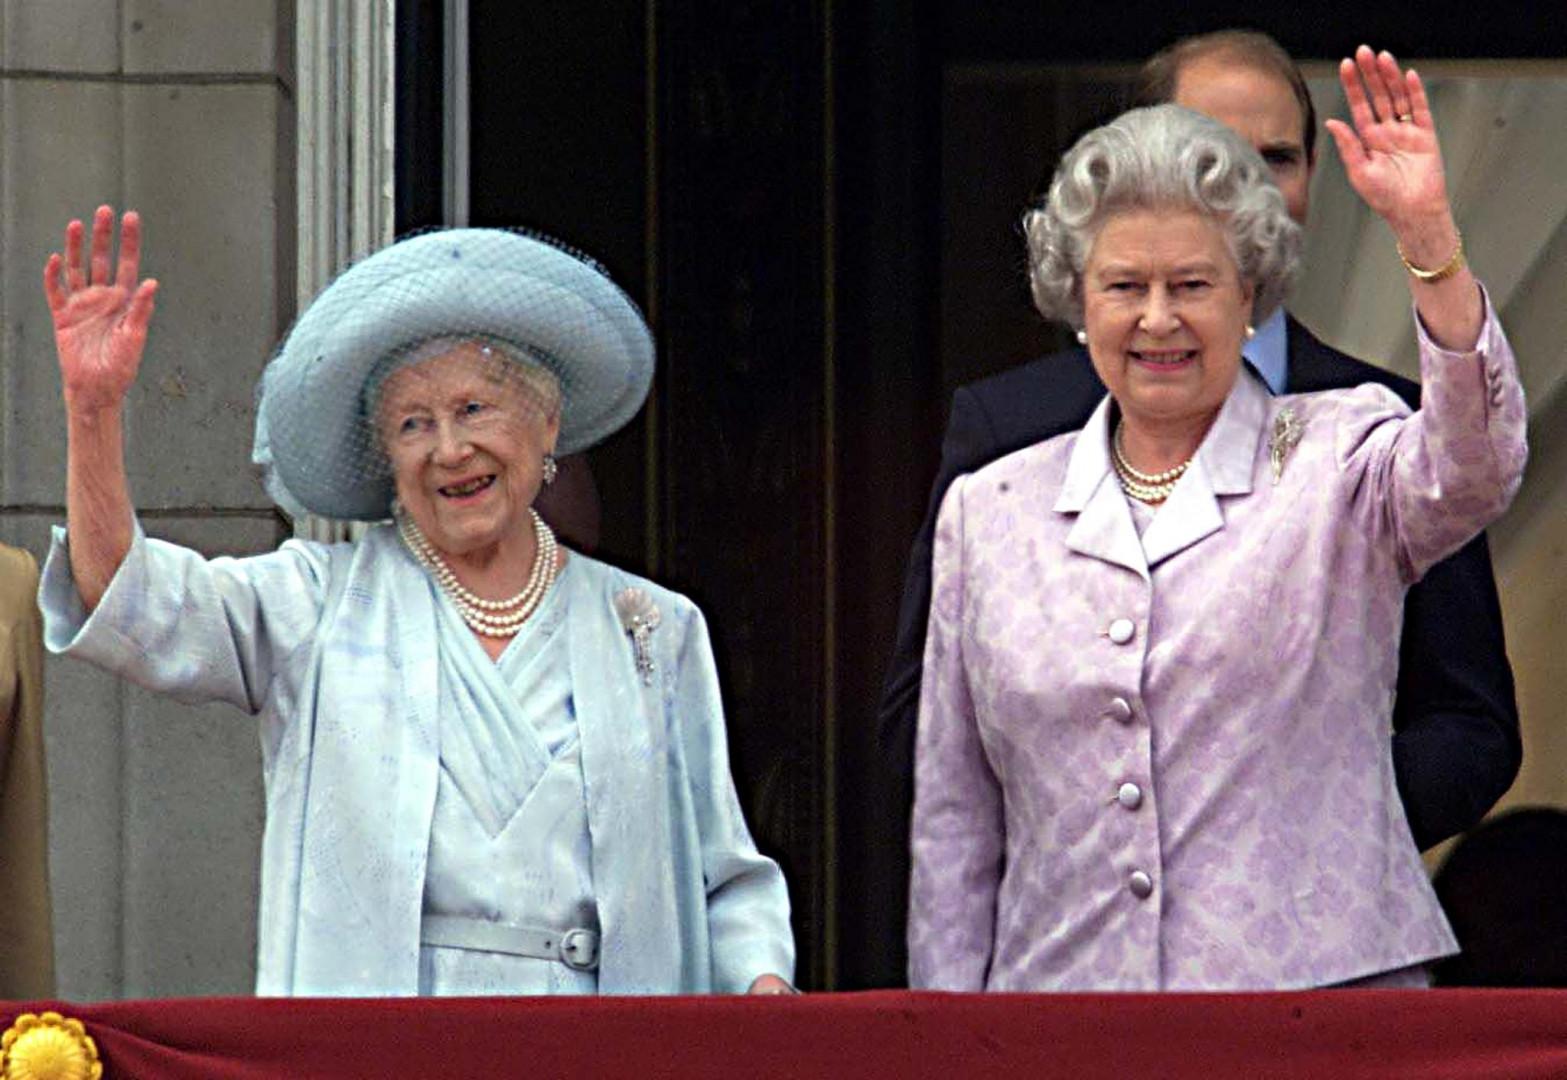 11. La Reine mère a fêté ses 100 ans en 2000, avec sa fille Elizabeth II